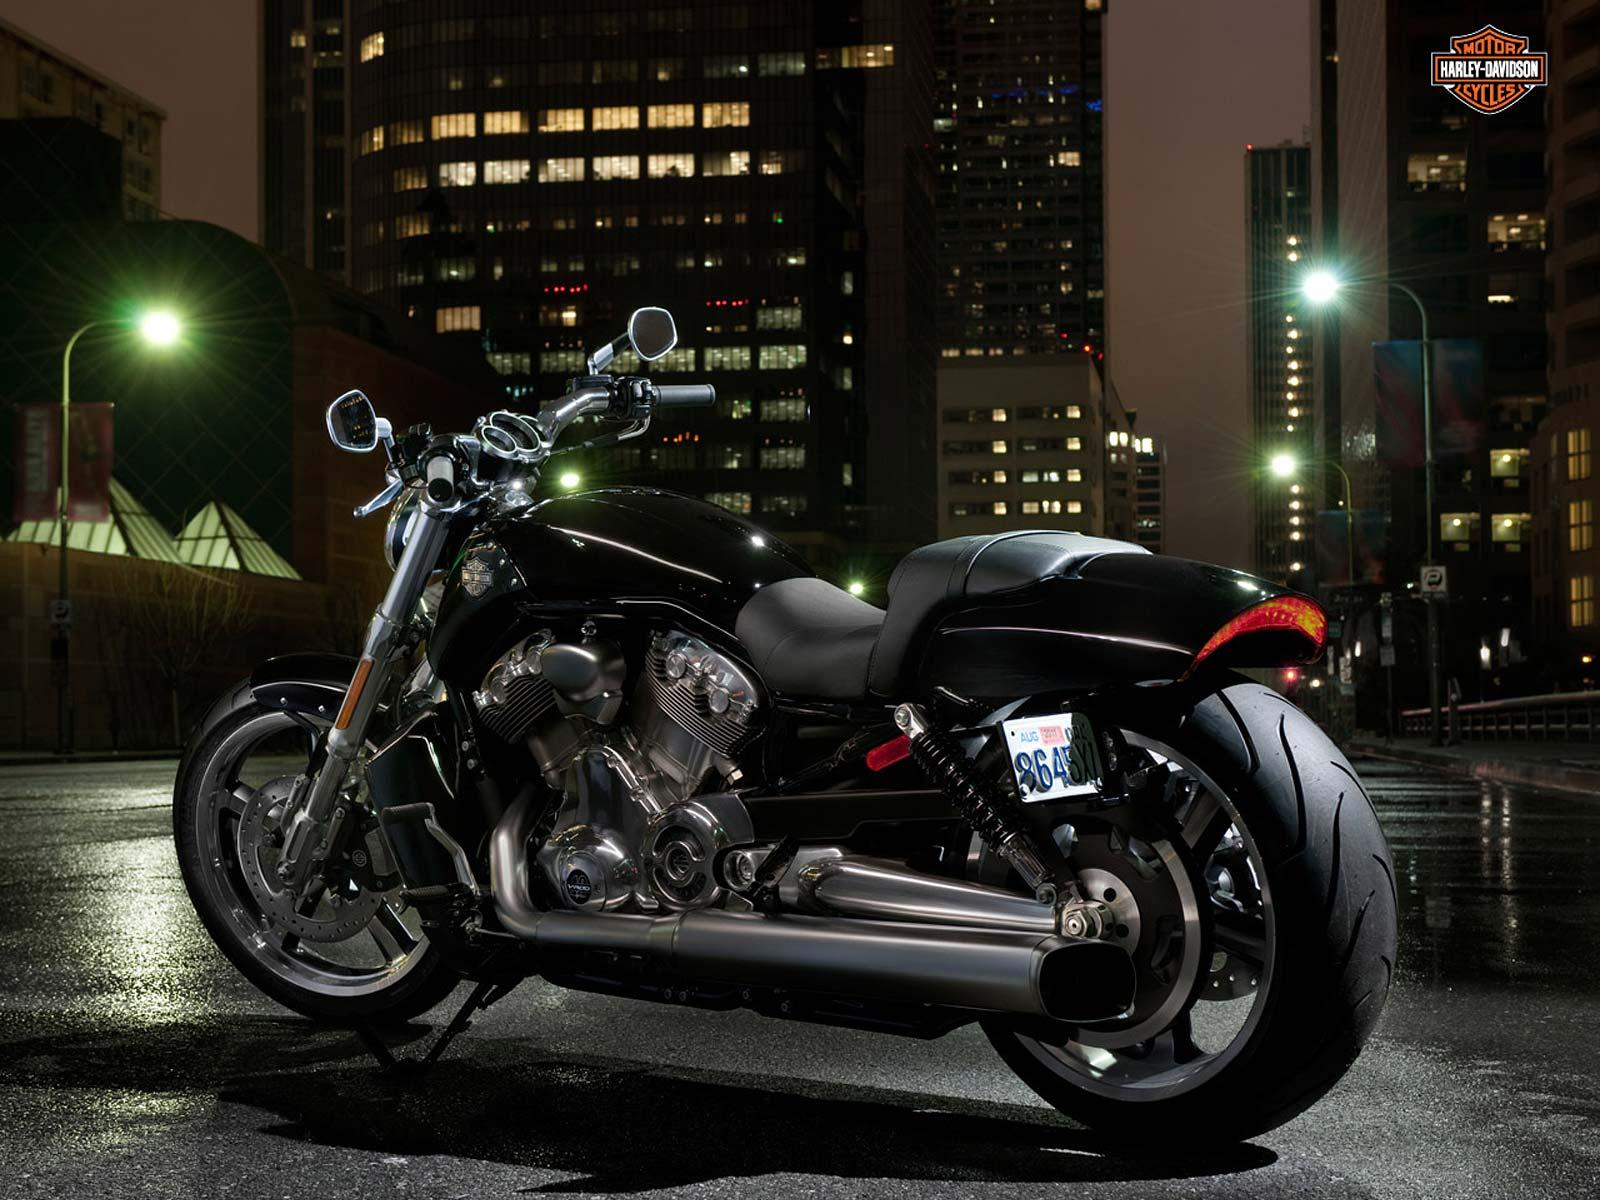 2012 Harley Davidson VRSCF V Rod Muscle pictures 1600x1200